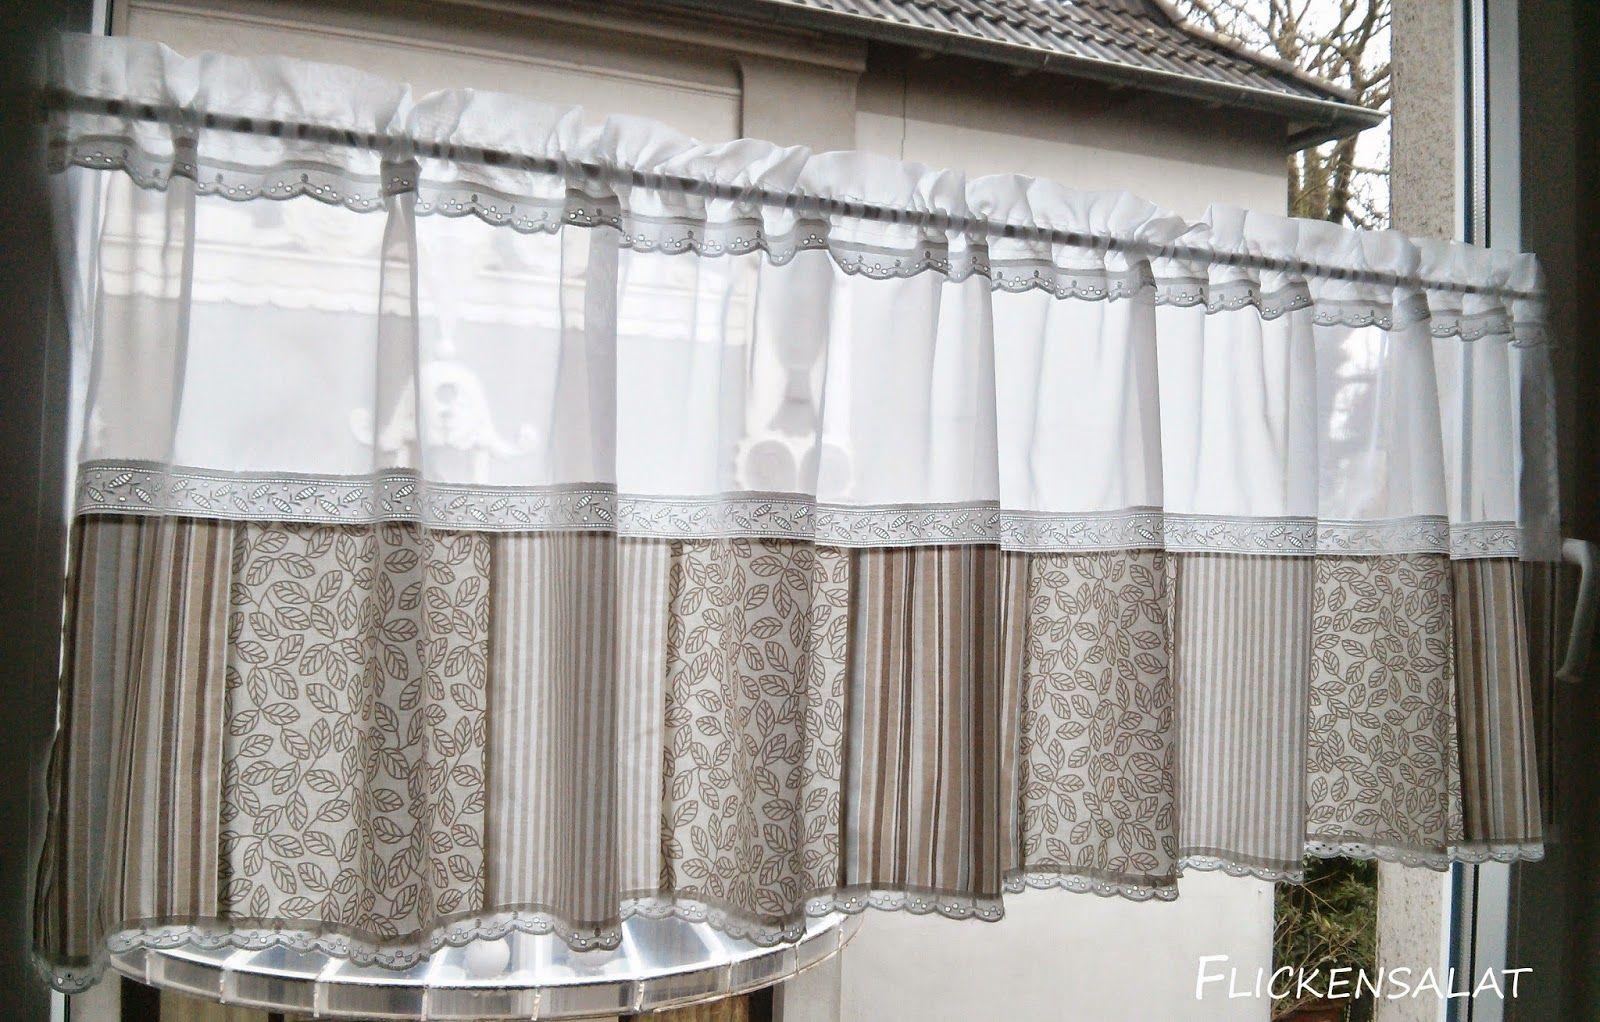 flickensalat patchwork pinterest gardinen gardinen ideen und vorh nge. Black Bedroom Furniture Sets. Home Design Ideas